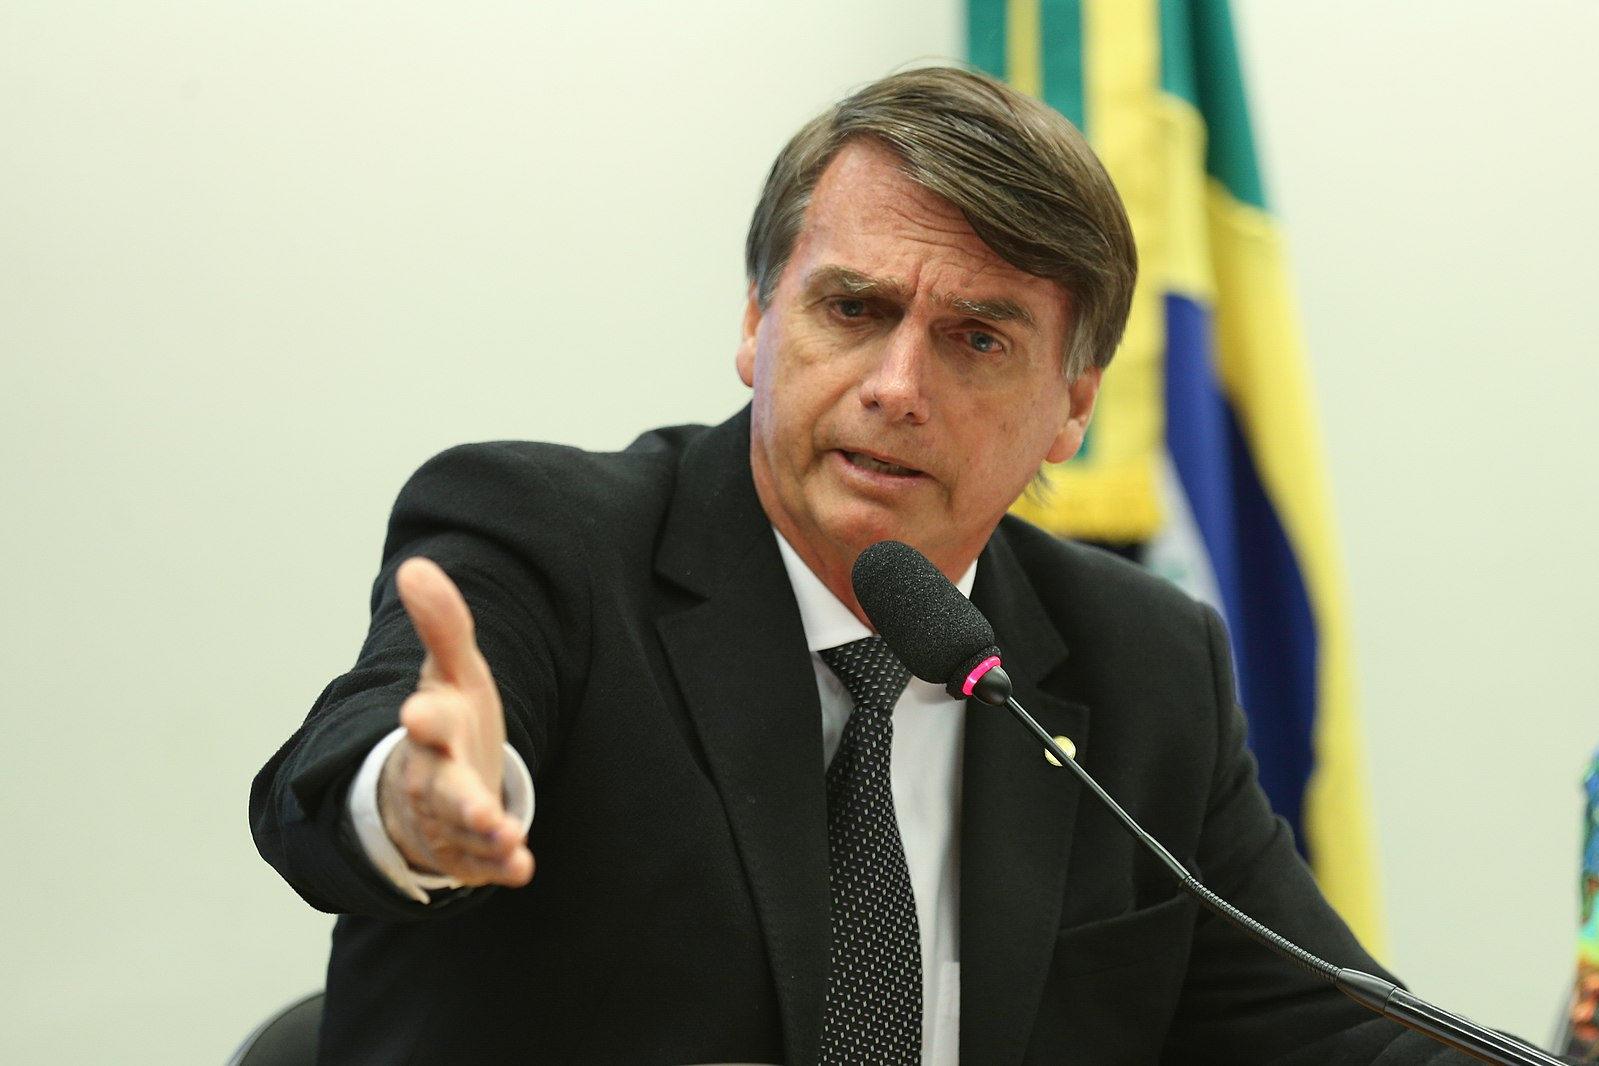 The Stabbing Of Jair Bolsonaro And The Brazilian